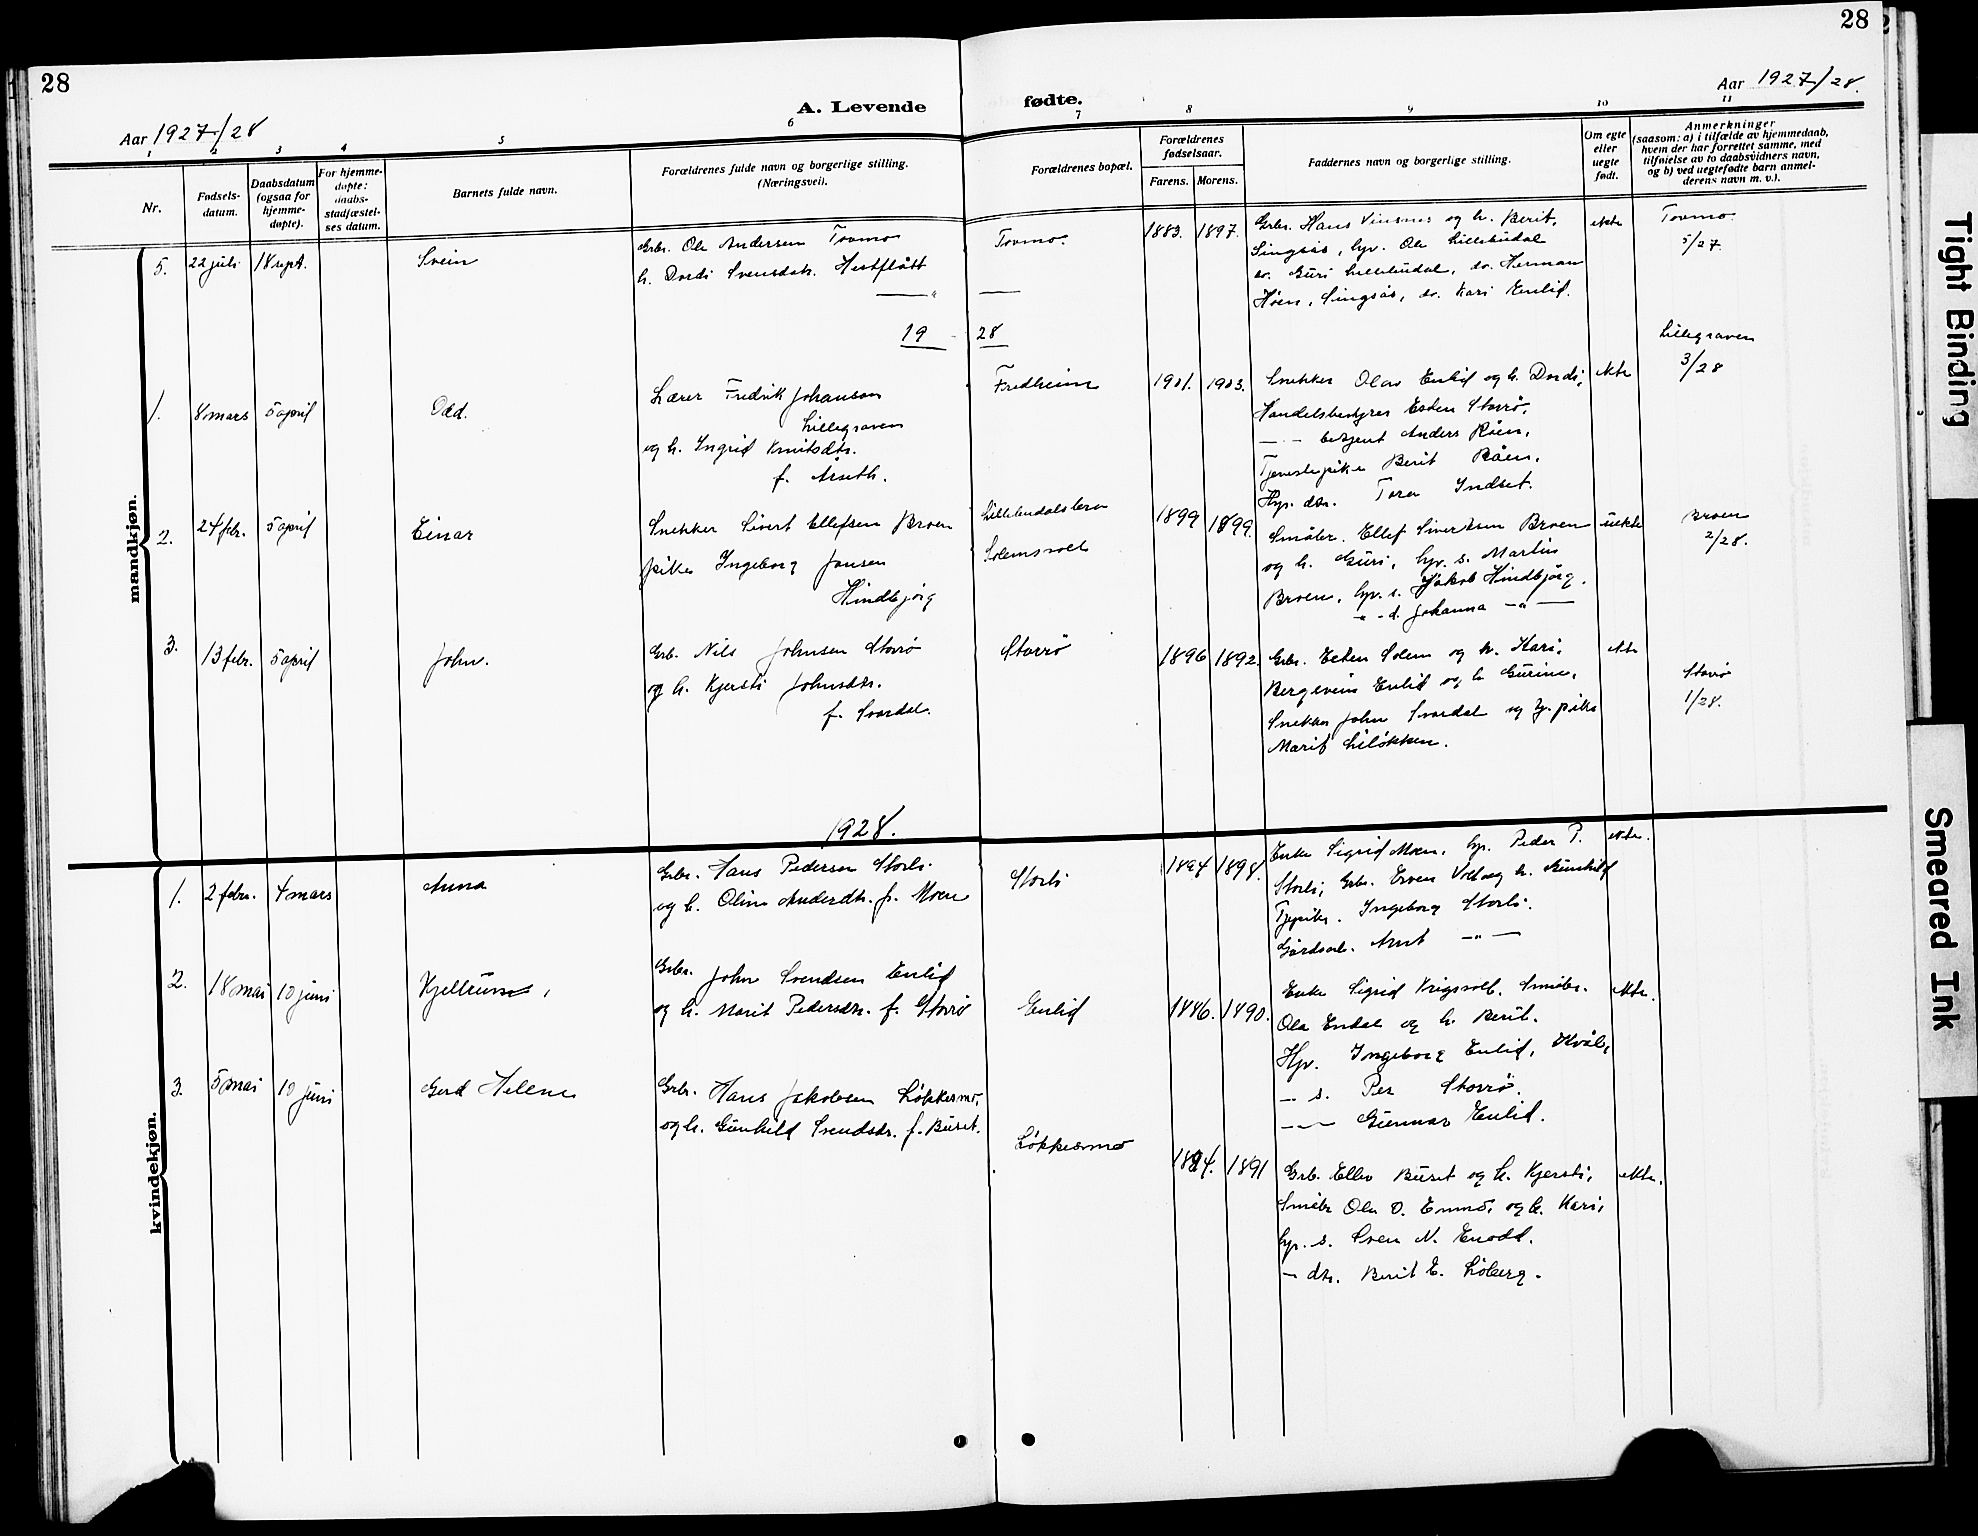 SAT, Ministerialprotokoller, klokkerbøker og fødselsregistre - Sør-Trøndelag, 690/L1052: Klokkerbok nr. 690C02, 1907-1929, s. 28